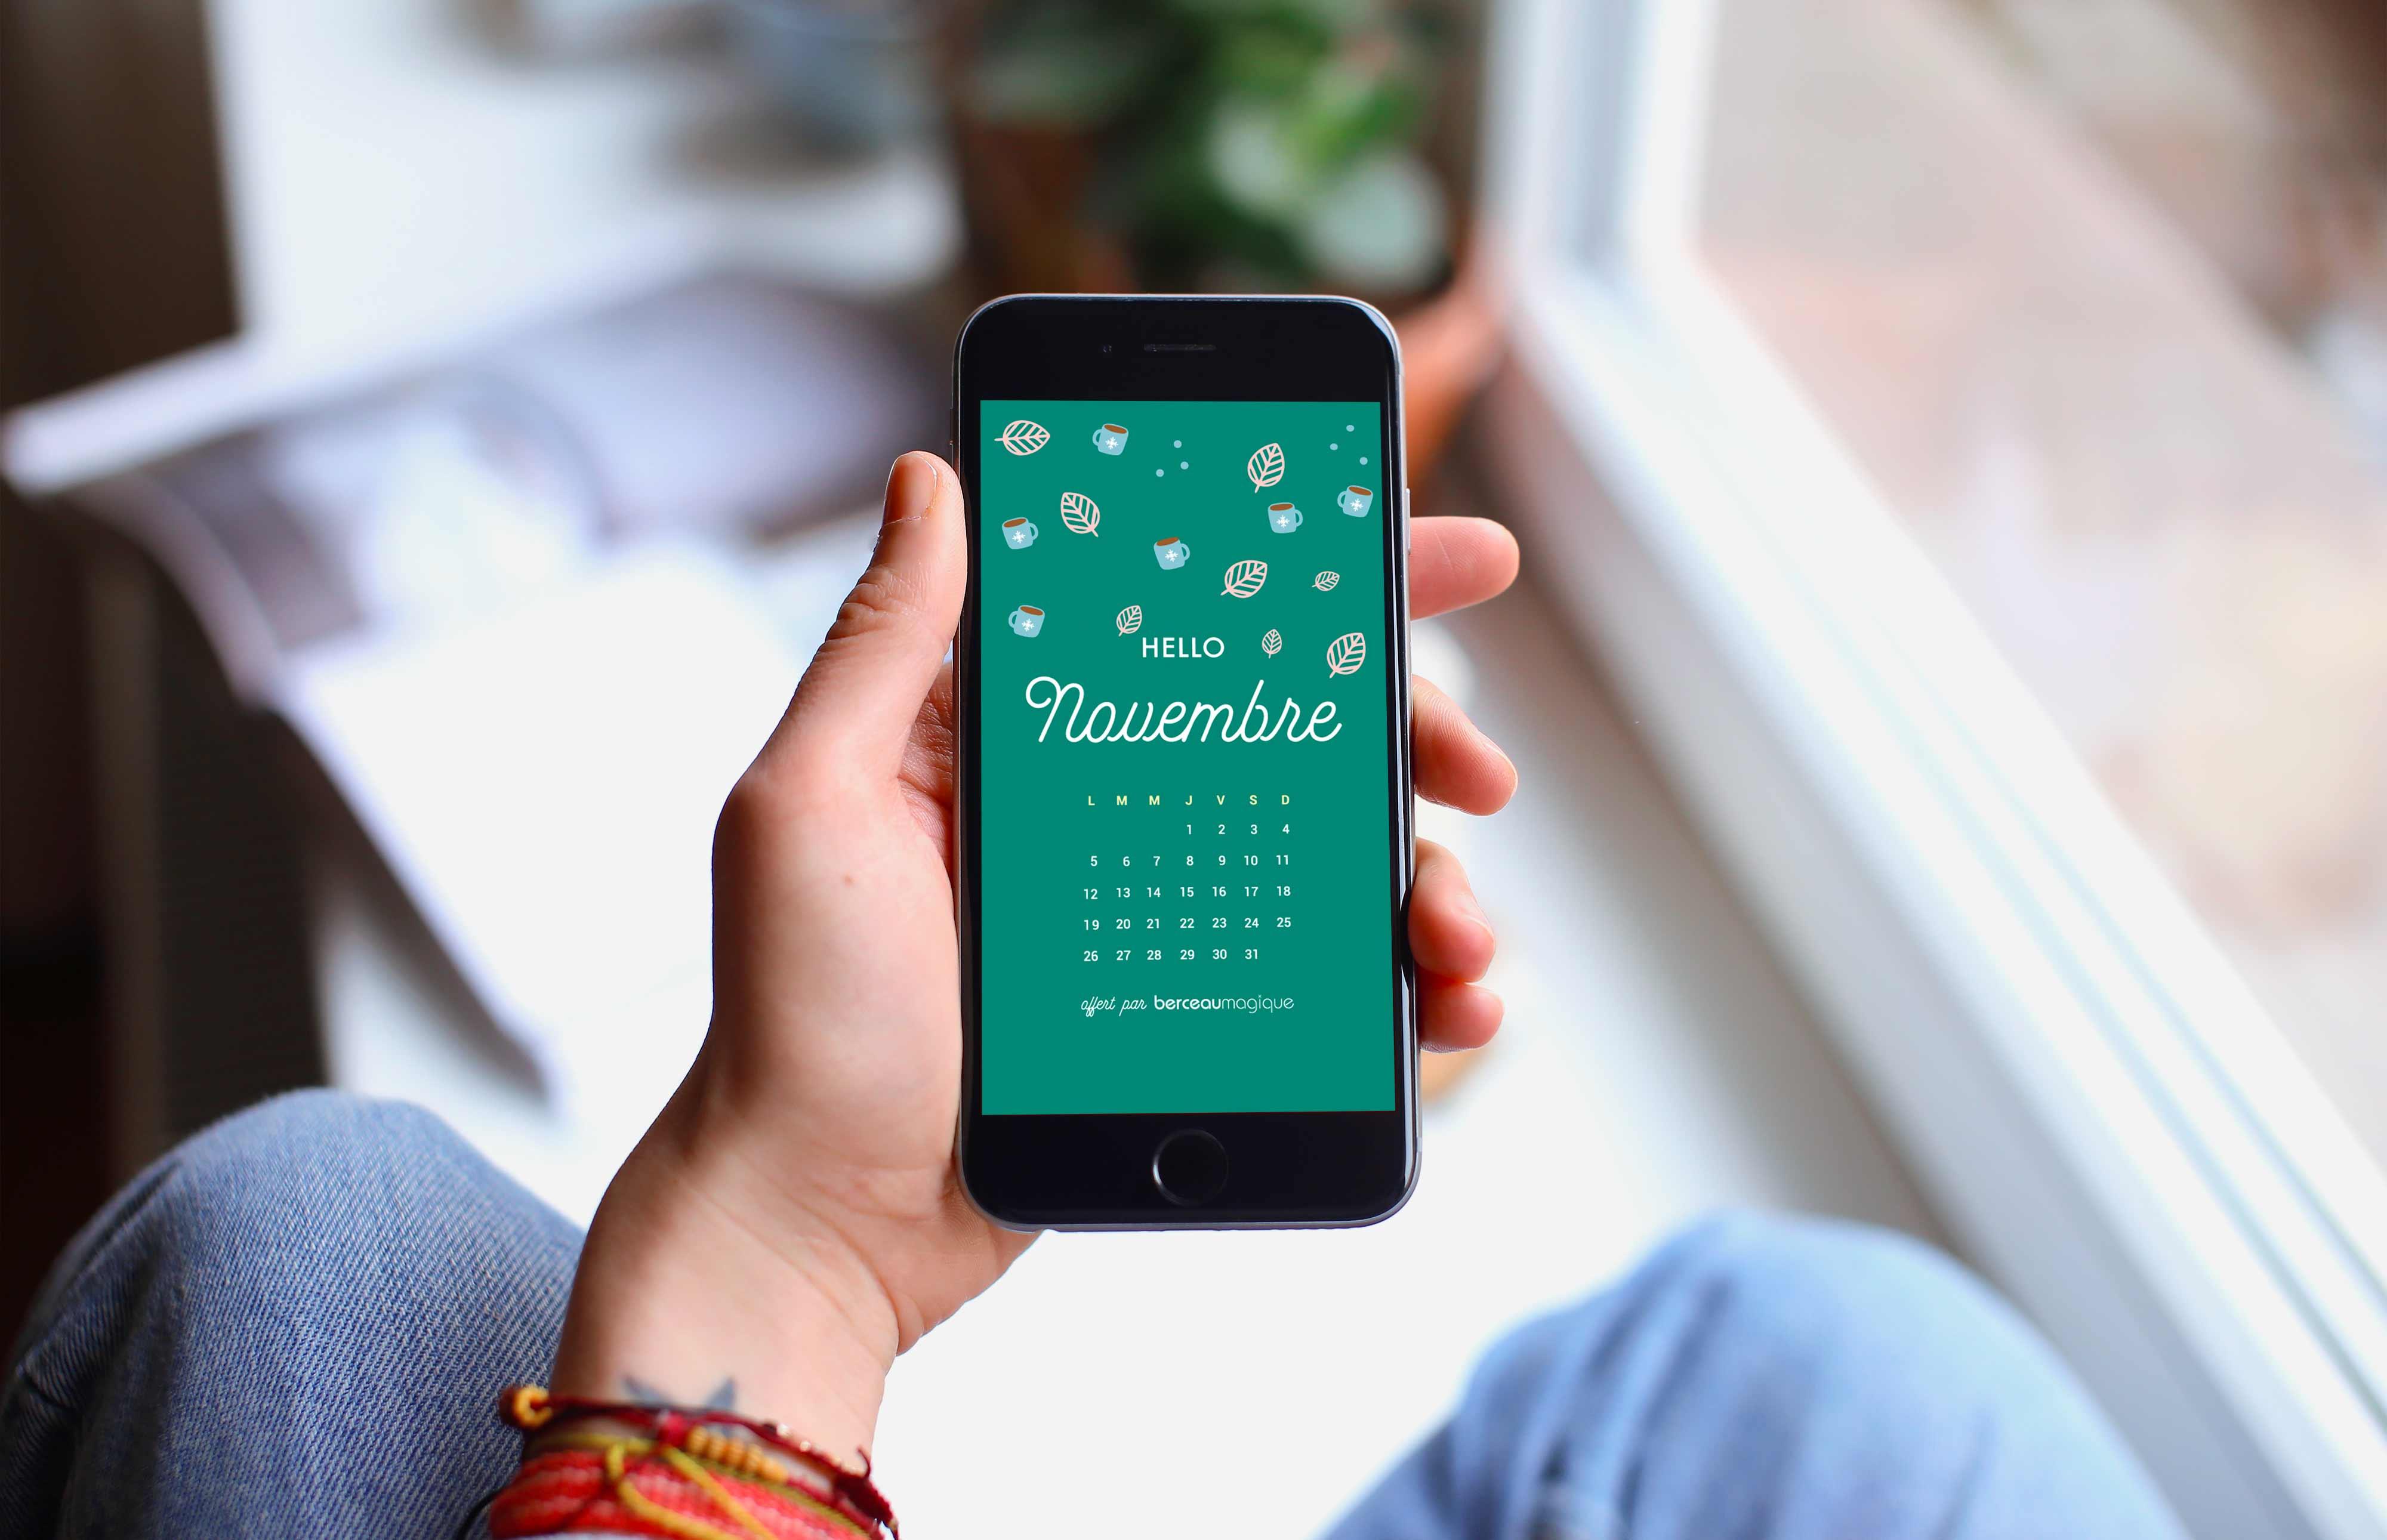 Fond d'écran mobile novembre 2018